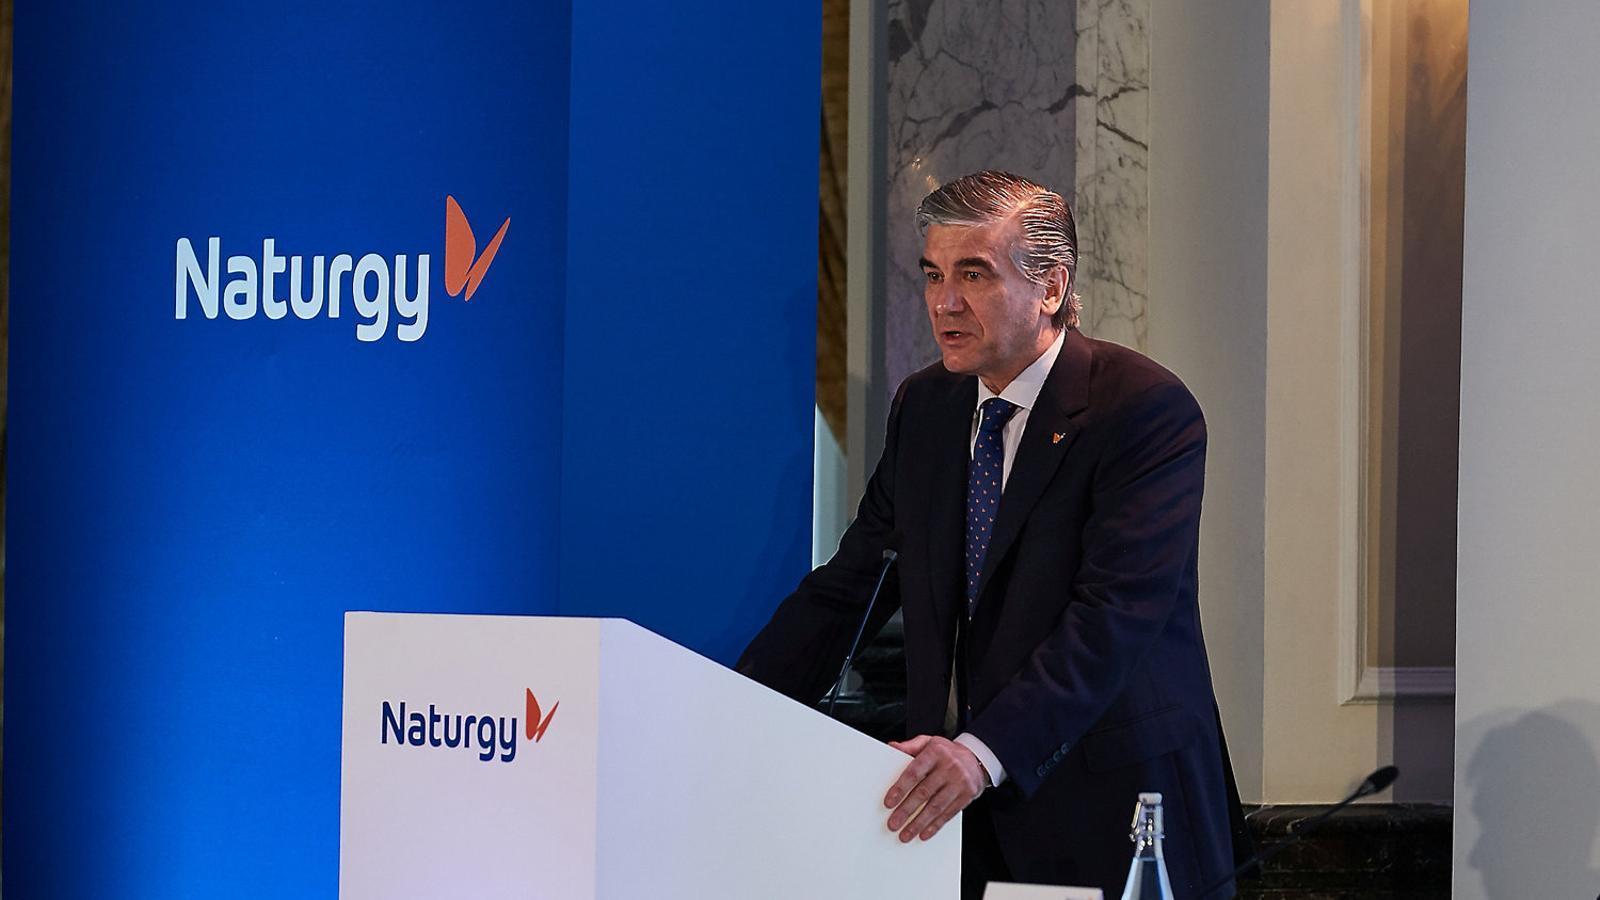 Egipte haurà de pagar 1.700 milions d'euros a Naturgy i els seus socis a Damiata